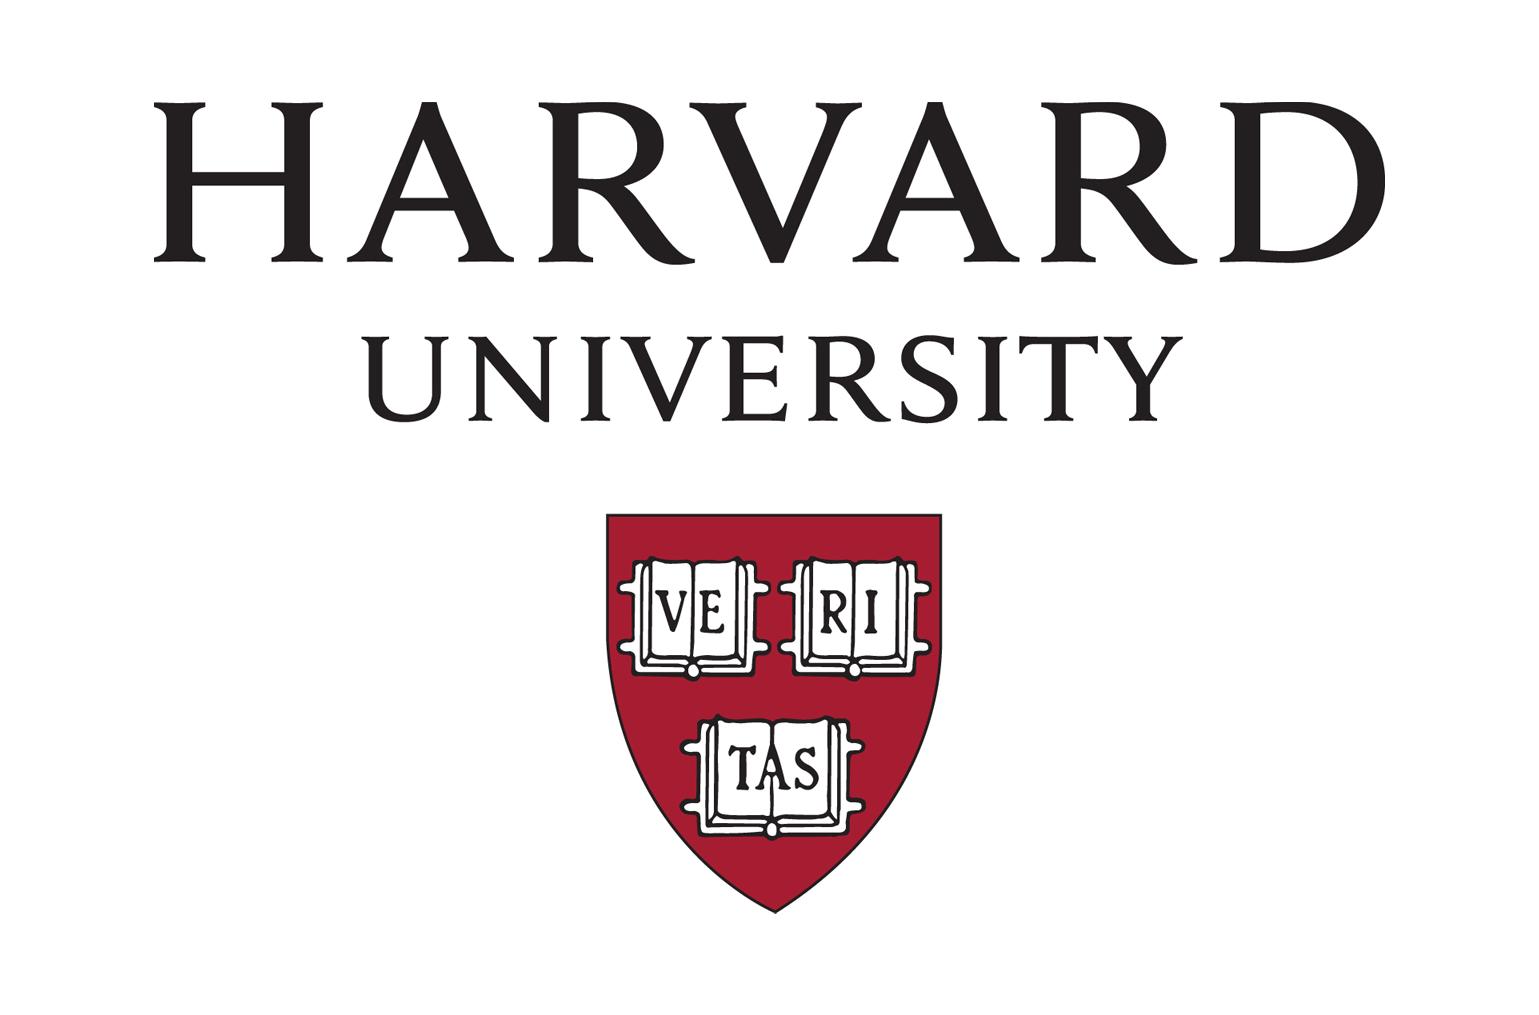 كورسات جامعة هارفارد المجانية .. أكثر من 120 دورة في تخصصات متعددة